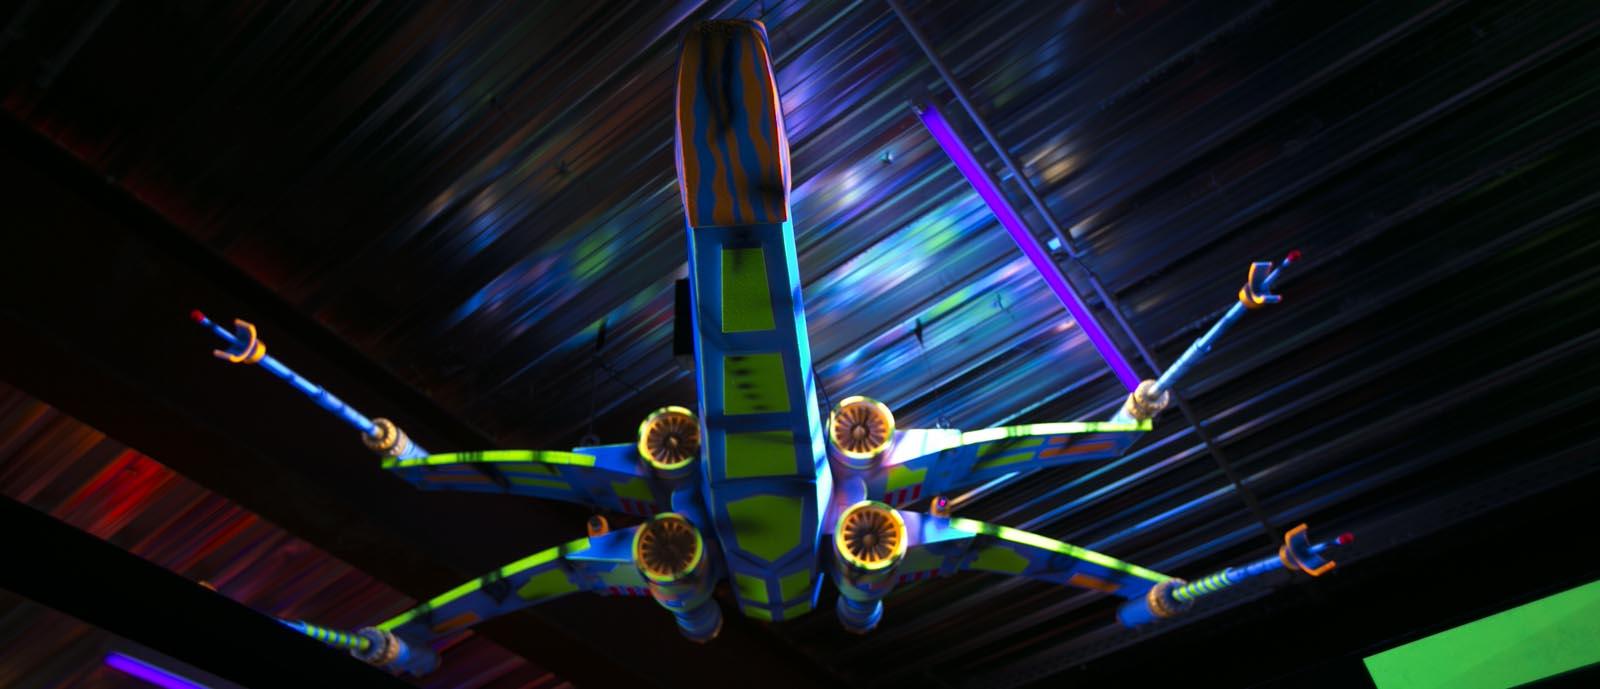 Fabricant de Lasergame Star wars sans franchise